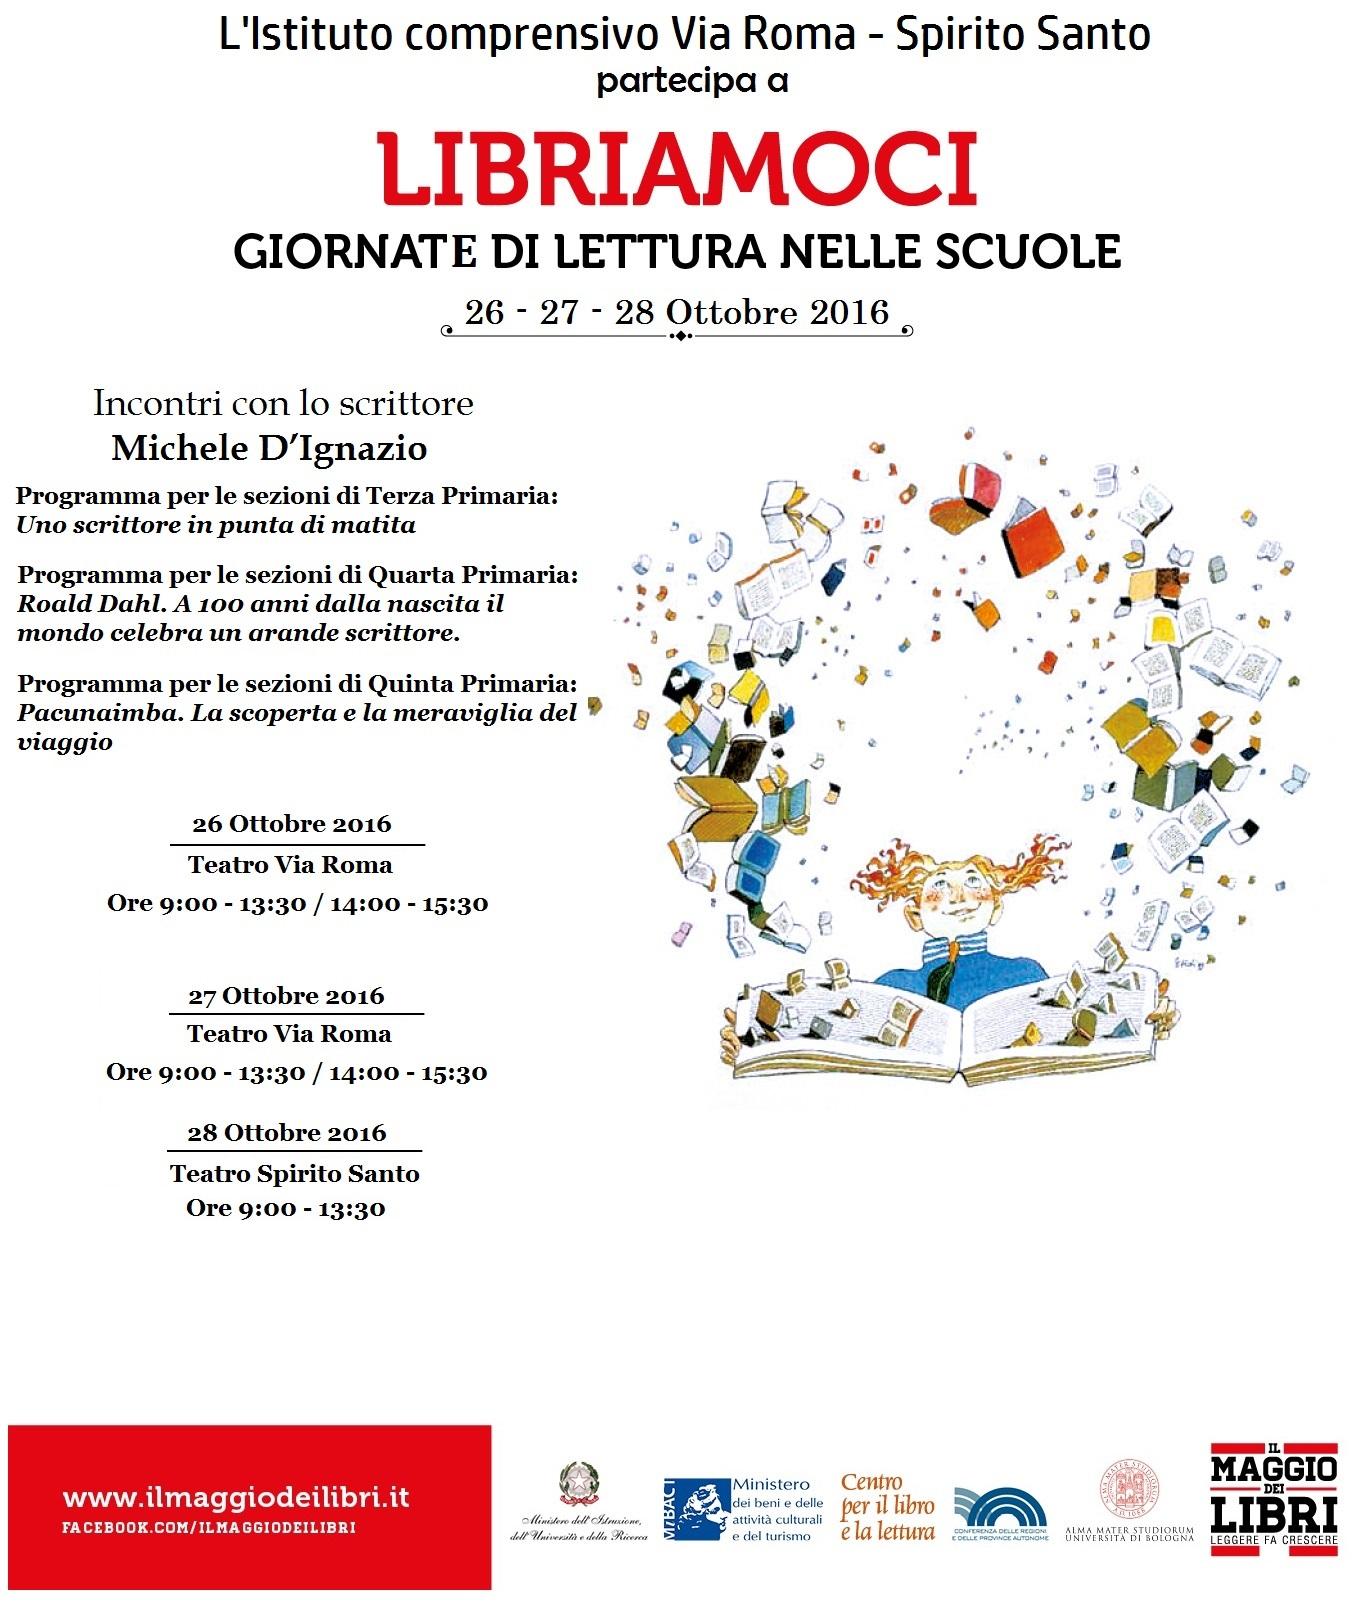 locandina_libriamoci_2016